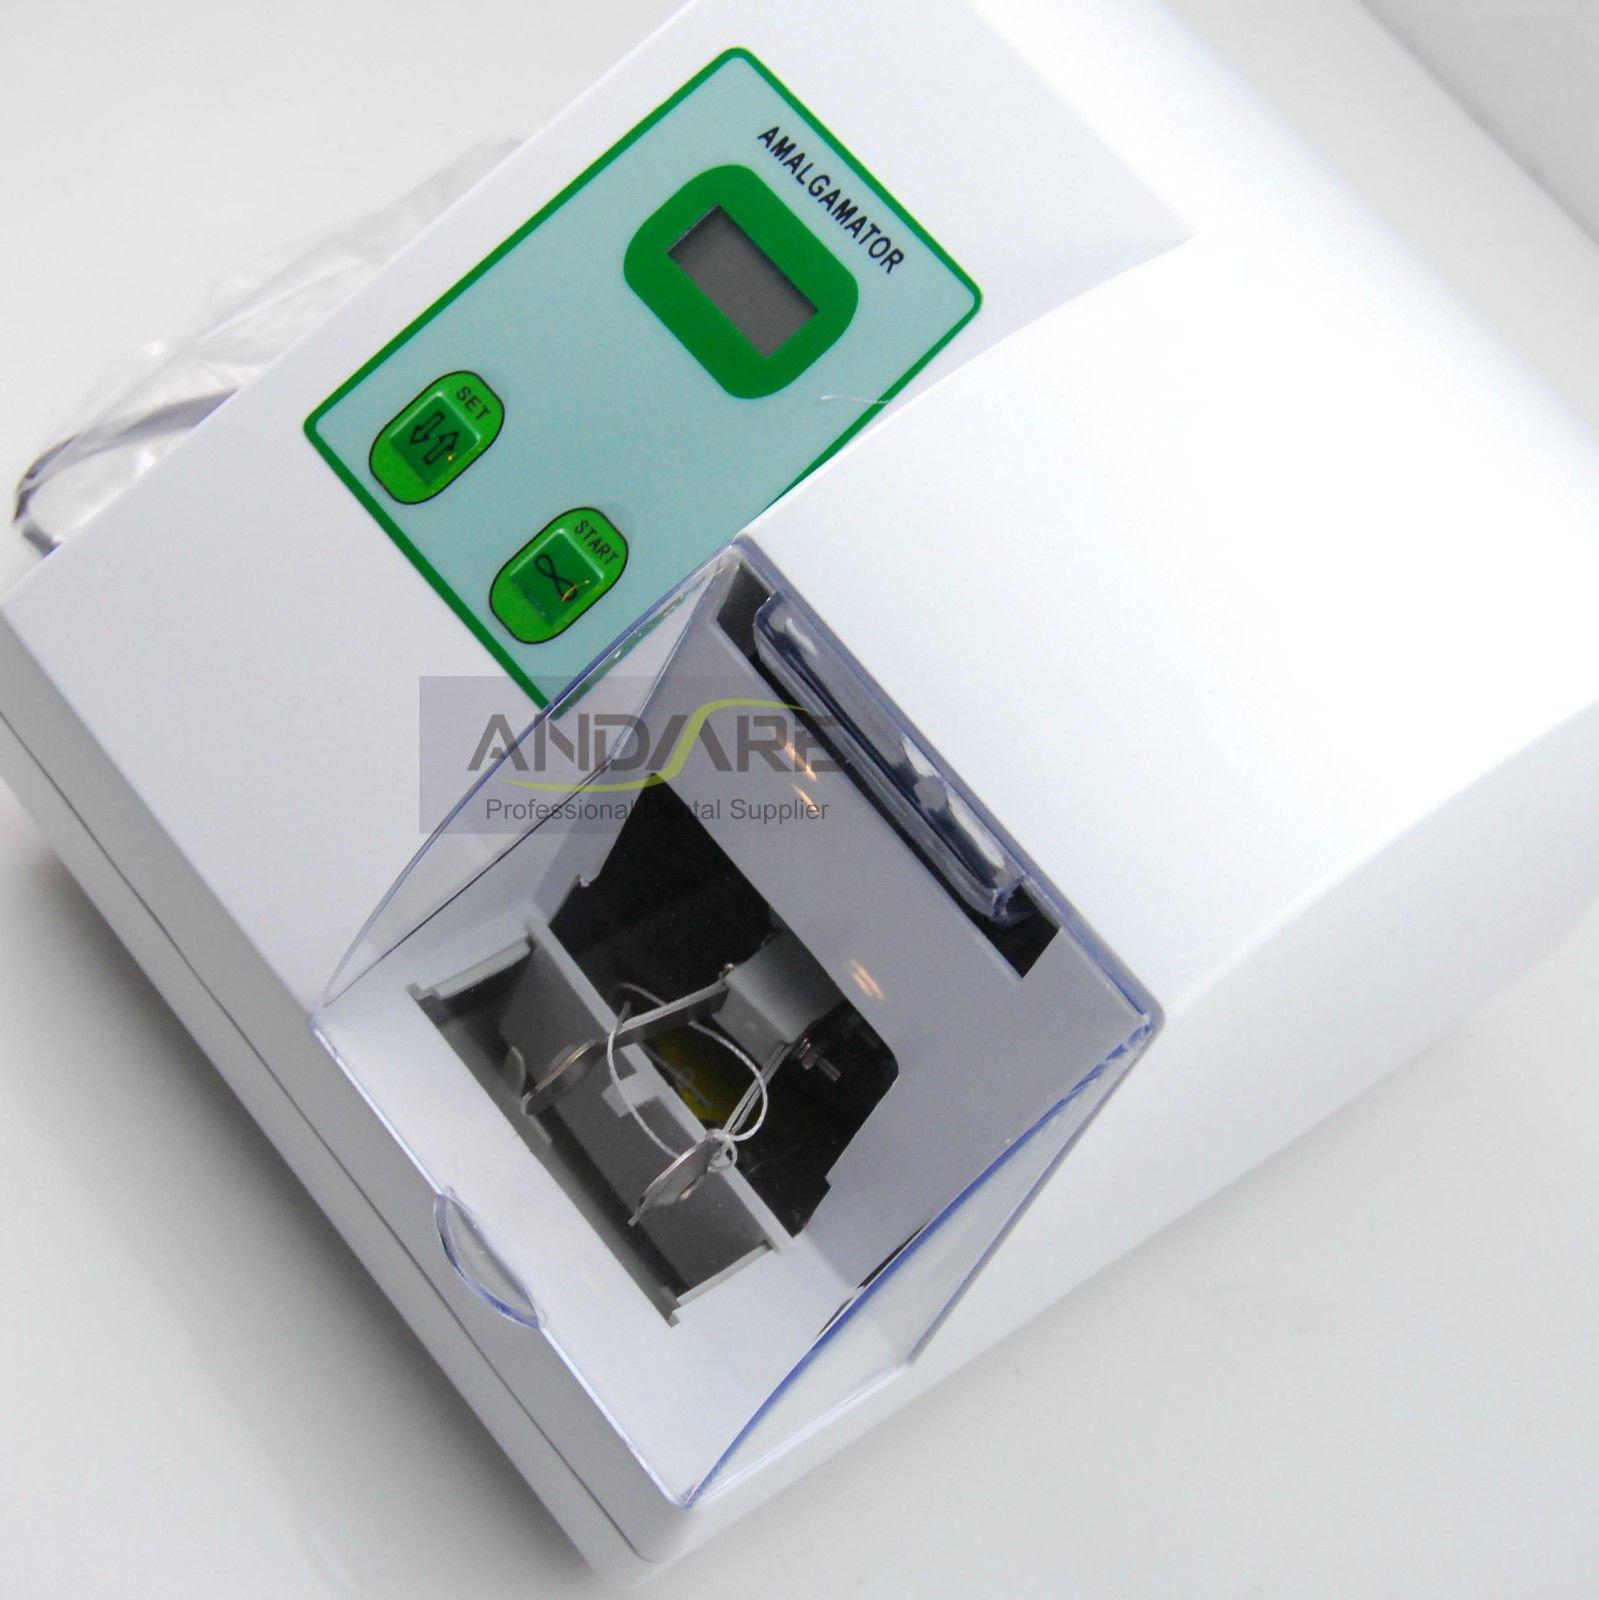 New On Sale G5 Digital Amalgamator Amalgam Mixer Capsule Dental Lab Equipment DHL